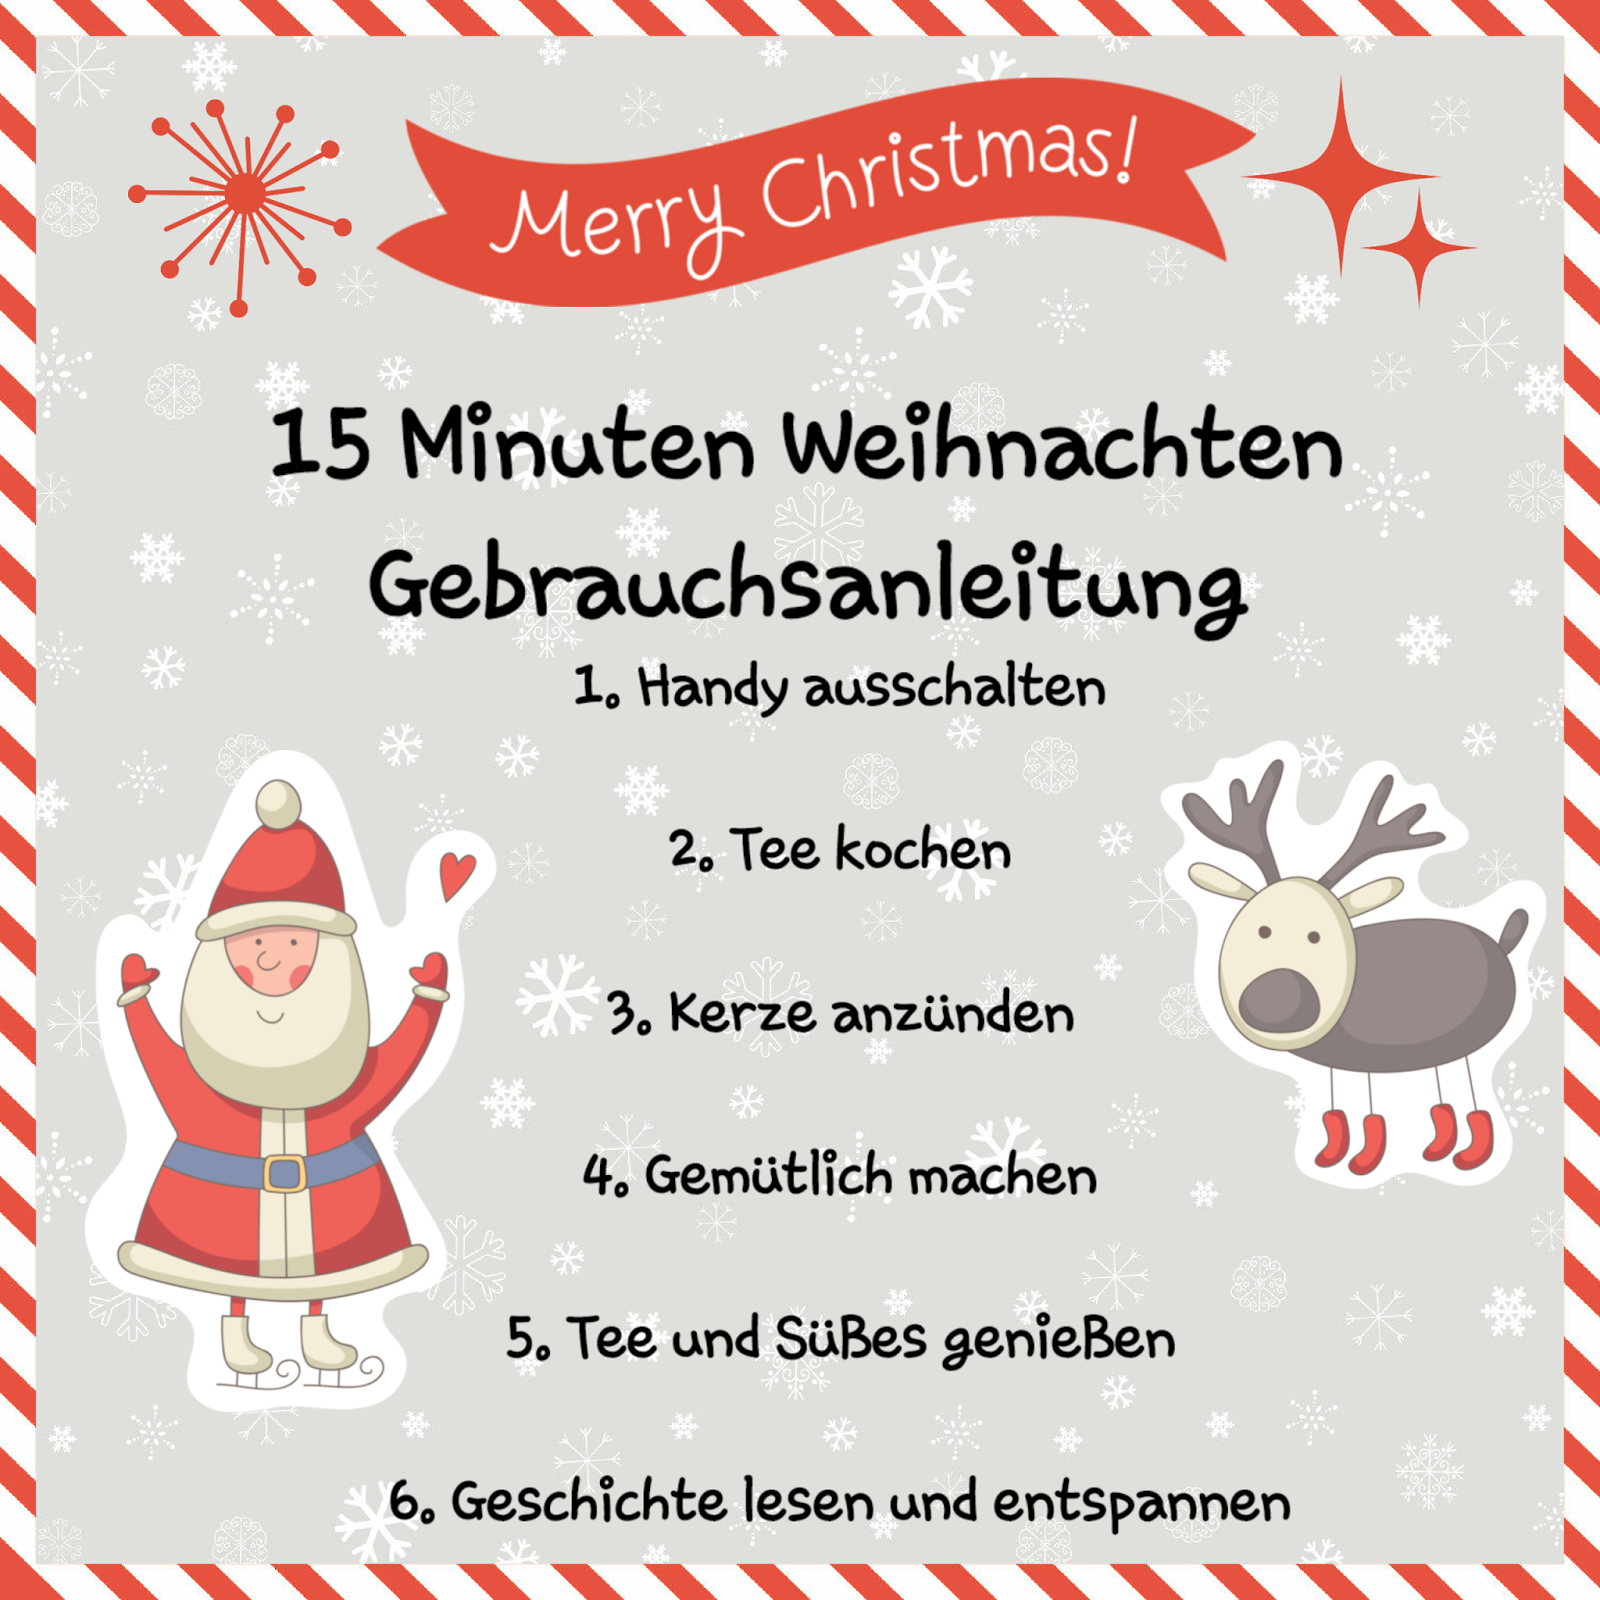 15 Minuten Weihnachten... eine der nettesten Weihnachts Geschenke überhaupt. #kleineweihnachtsgeschenkekollegen